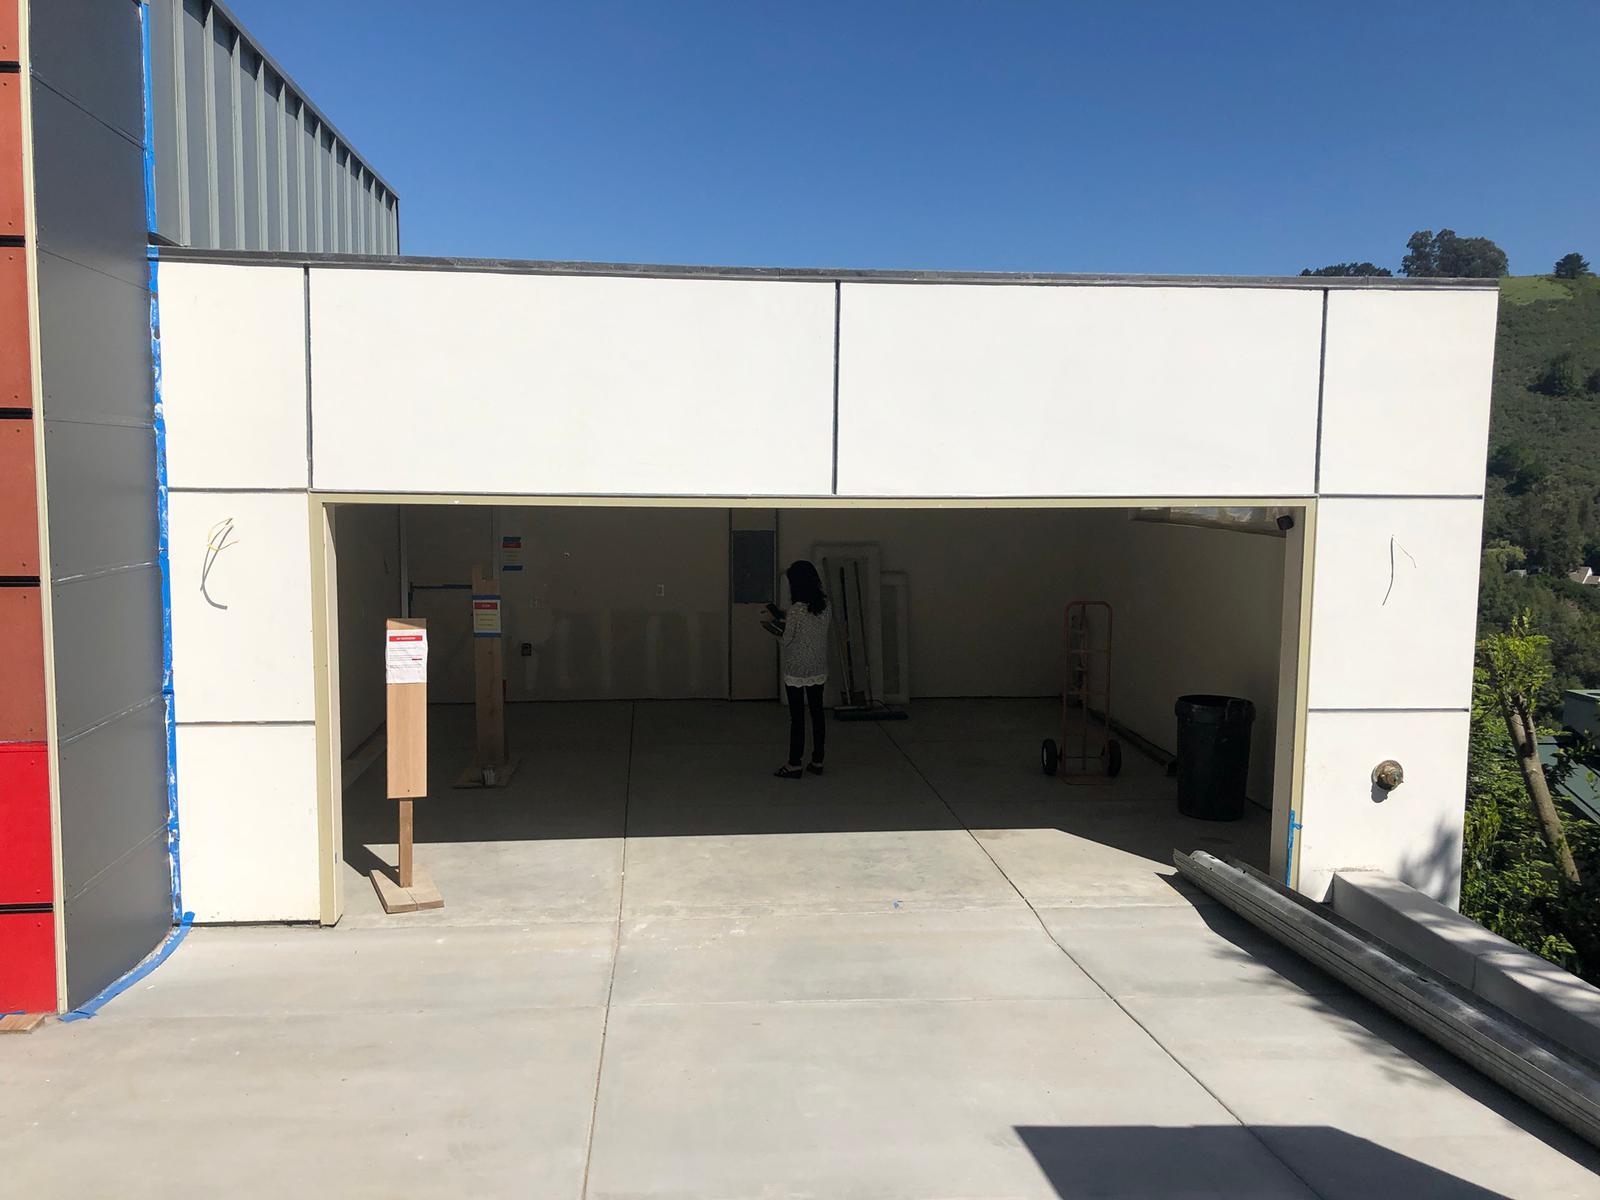 Garage Door Repair Bell, Eagle Rock